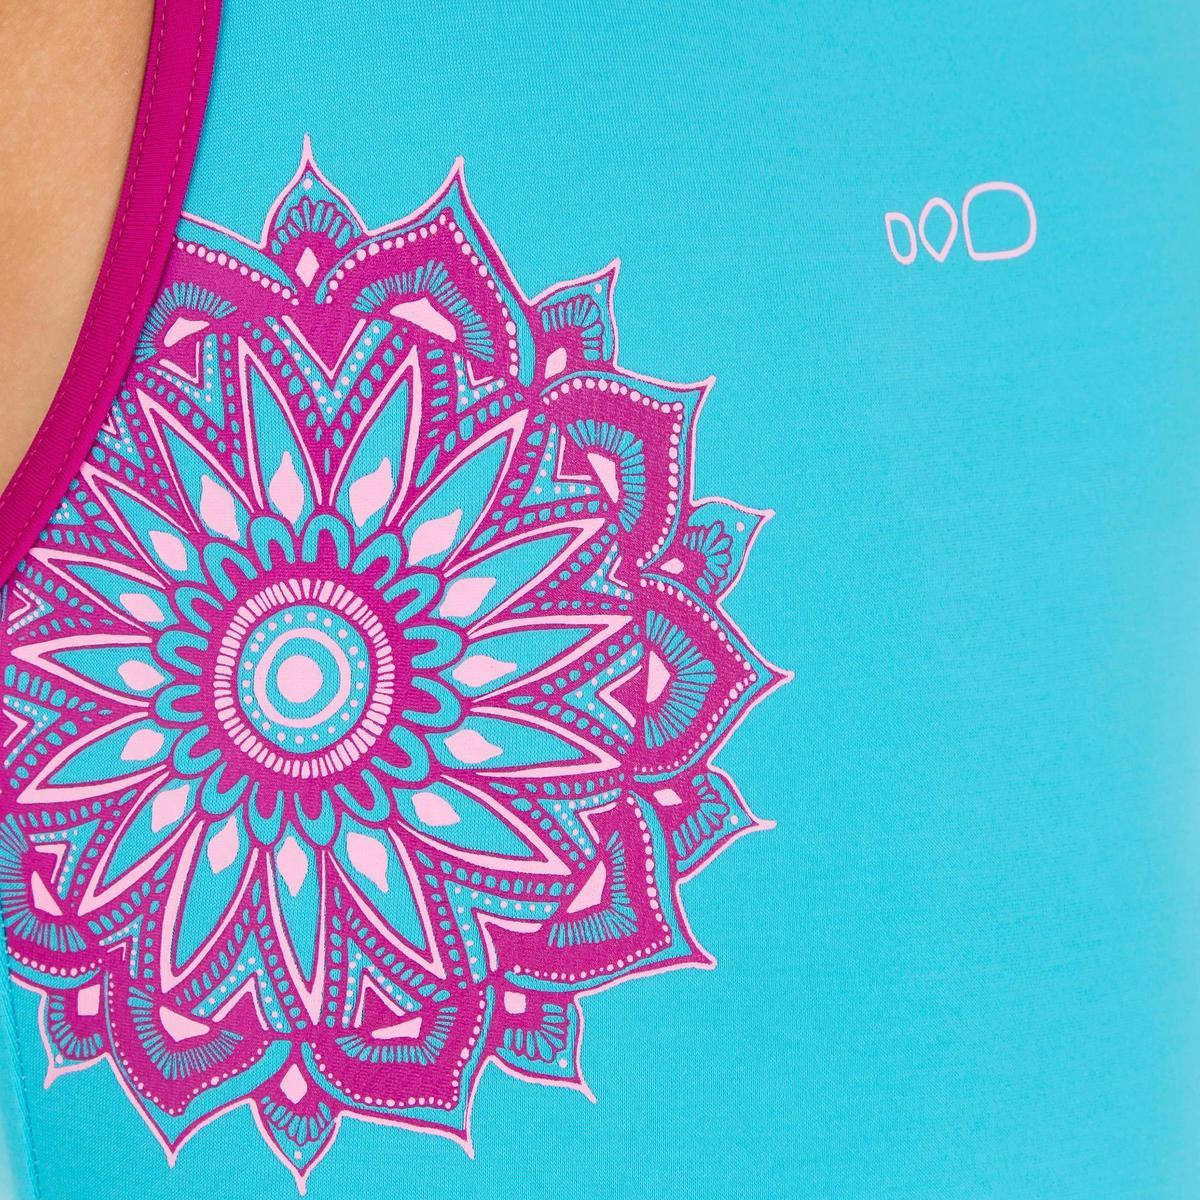 Bild 4 von Badeanzug Leony+ Mädchen blau/violett